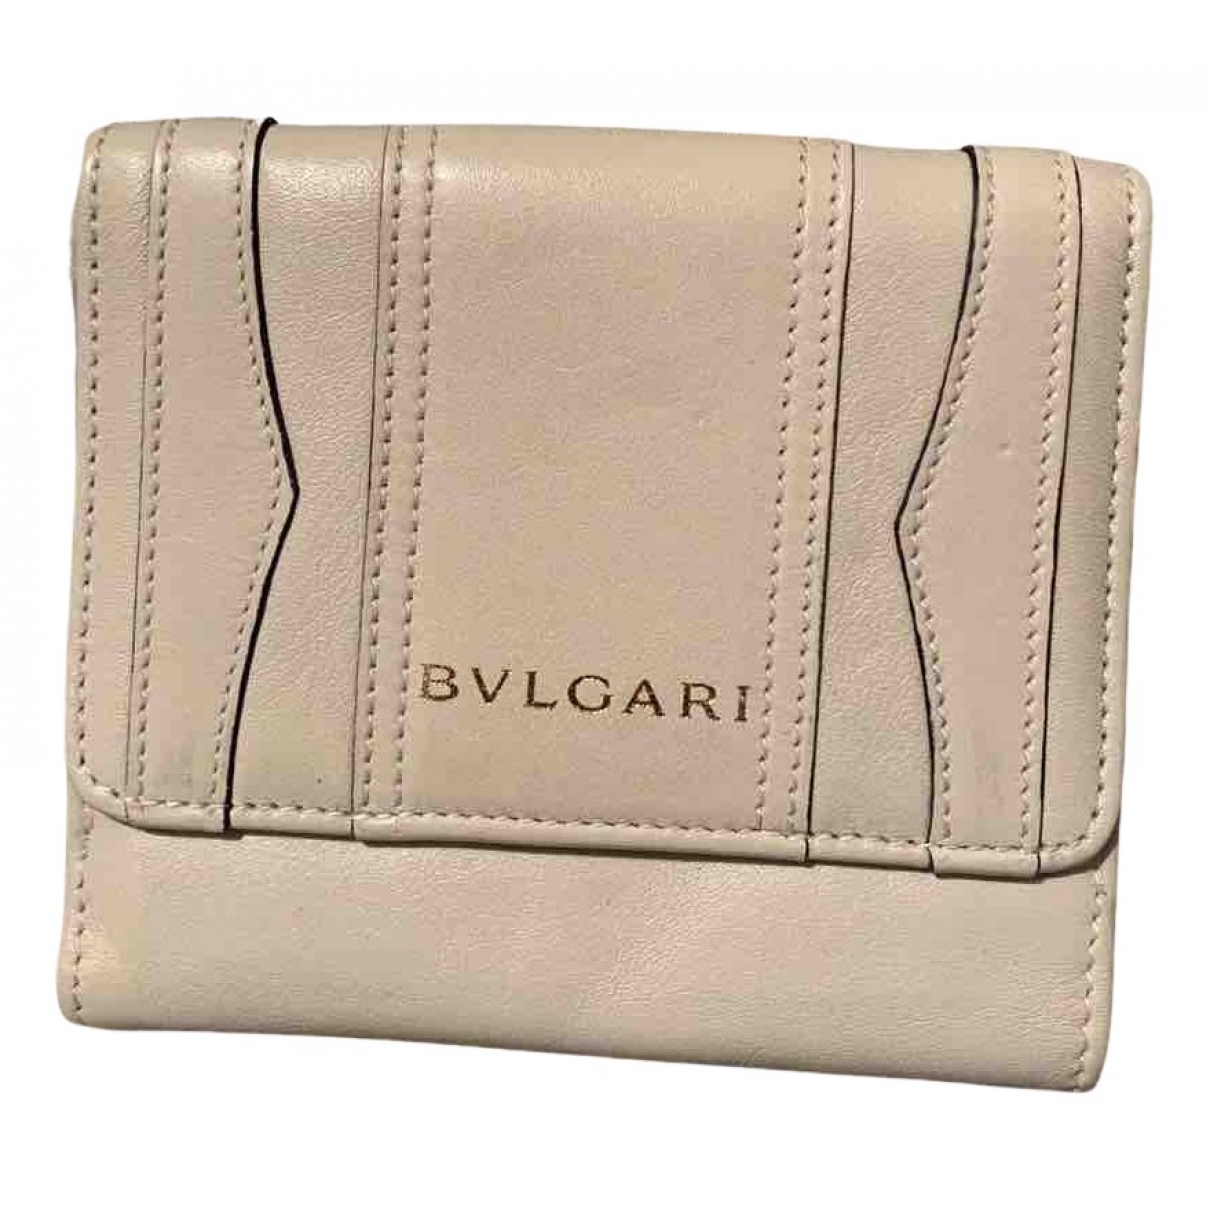 Bvlgari N Beige Leather wallet for Women N